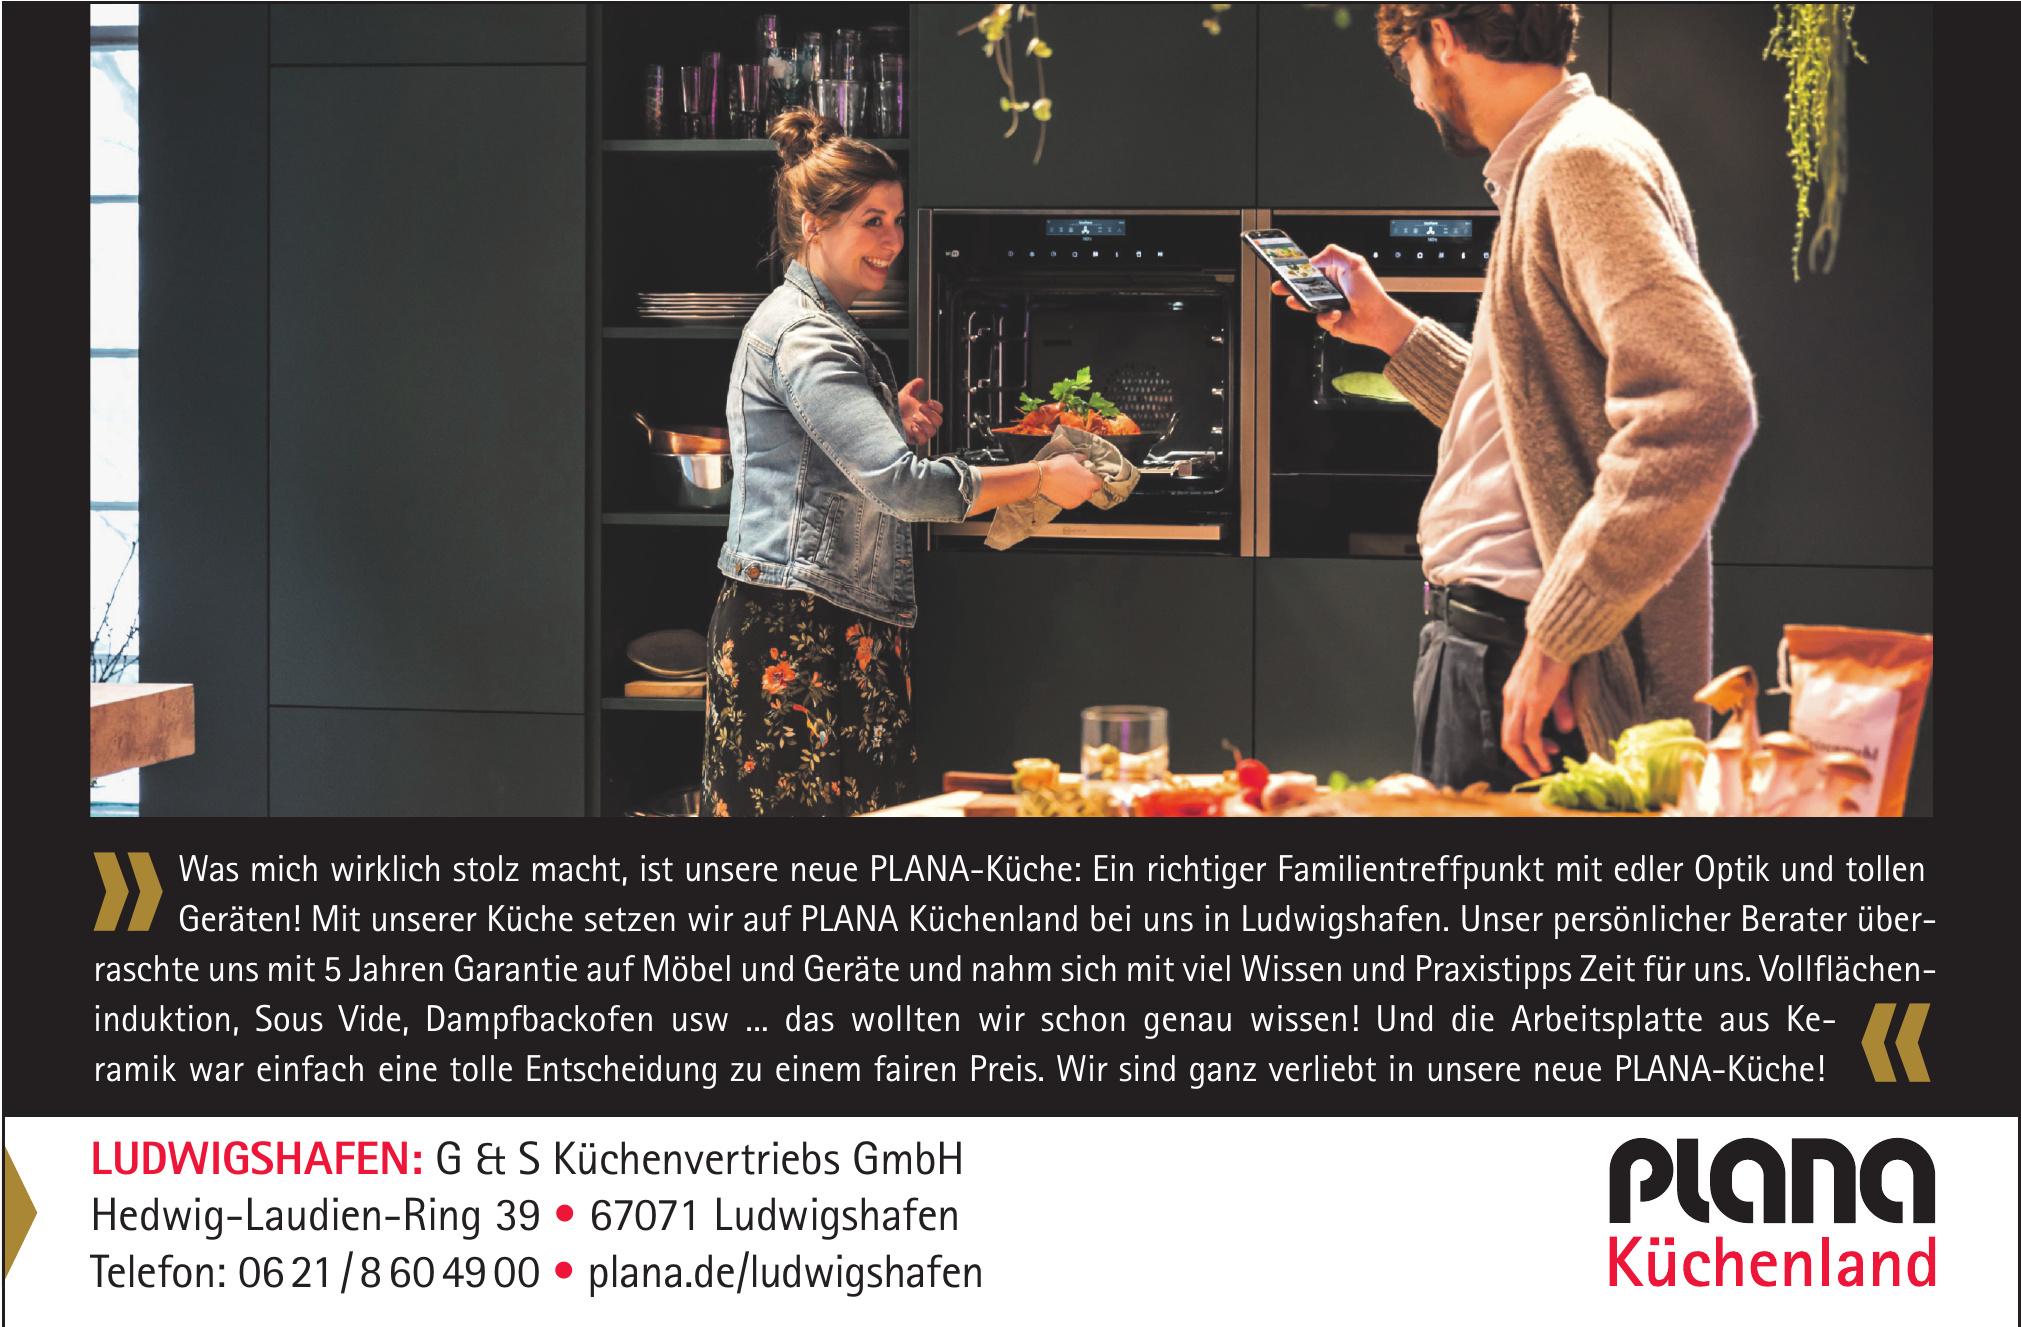 G+S Küchenvertriebs GmbH